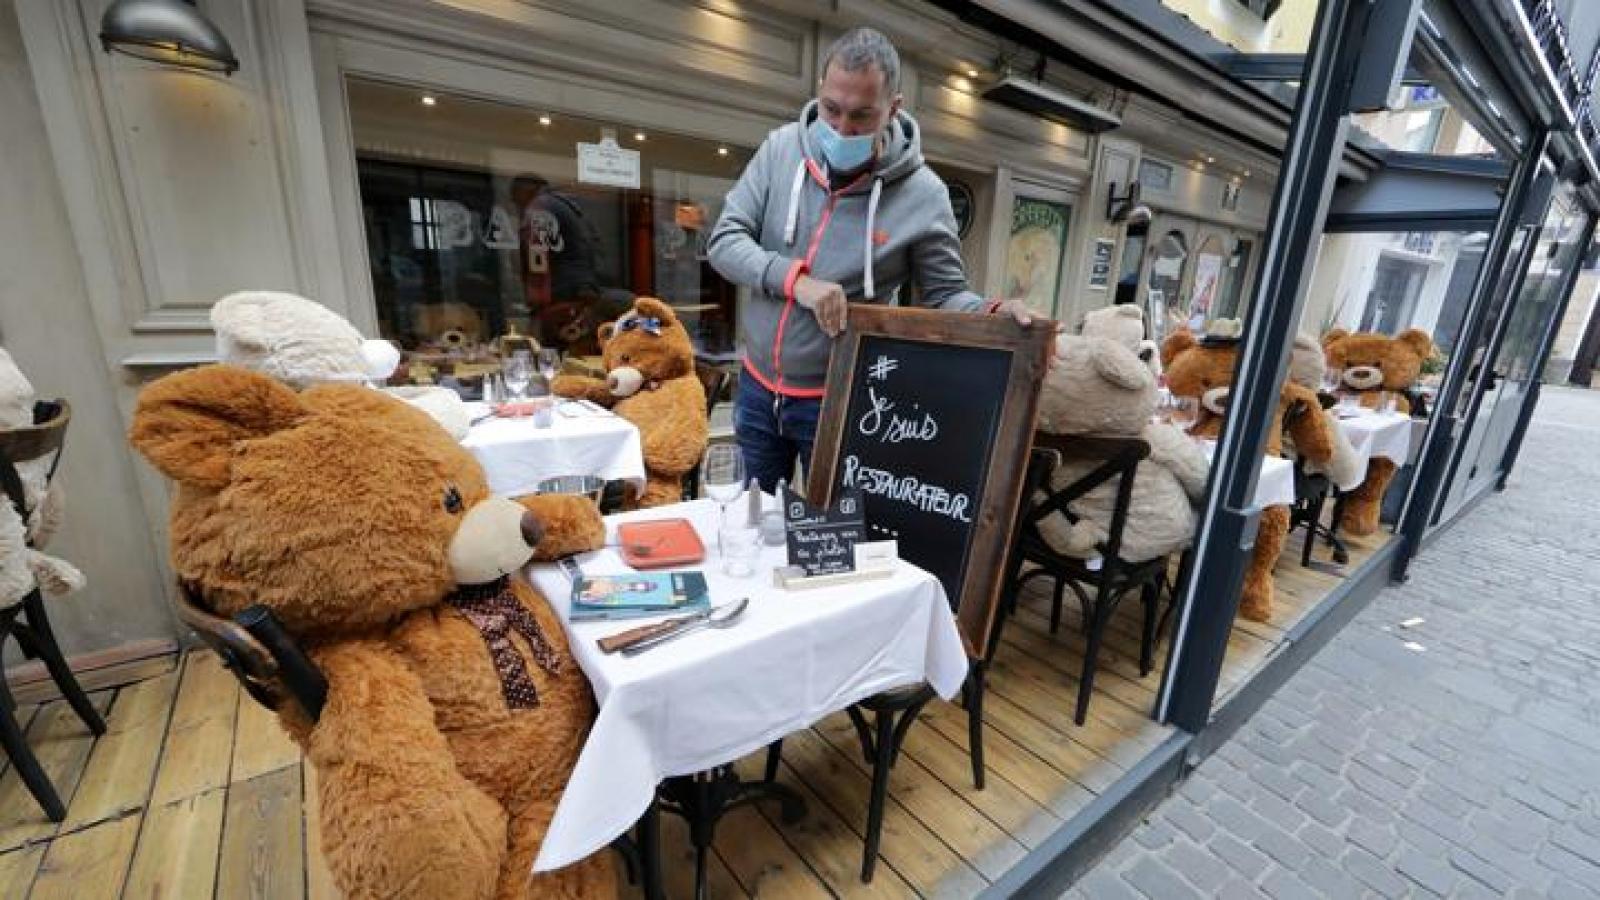 Ế ẩm vì Covid-19, nhà hàng ở Pháp thay thực khách bằng gấu Teddy